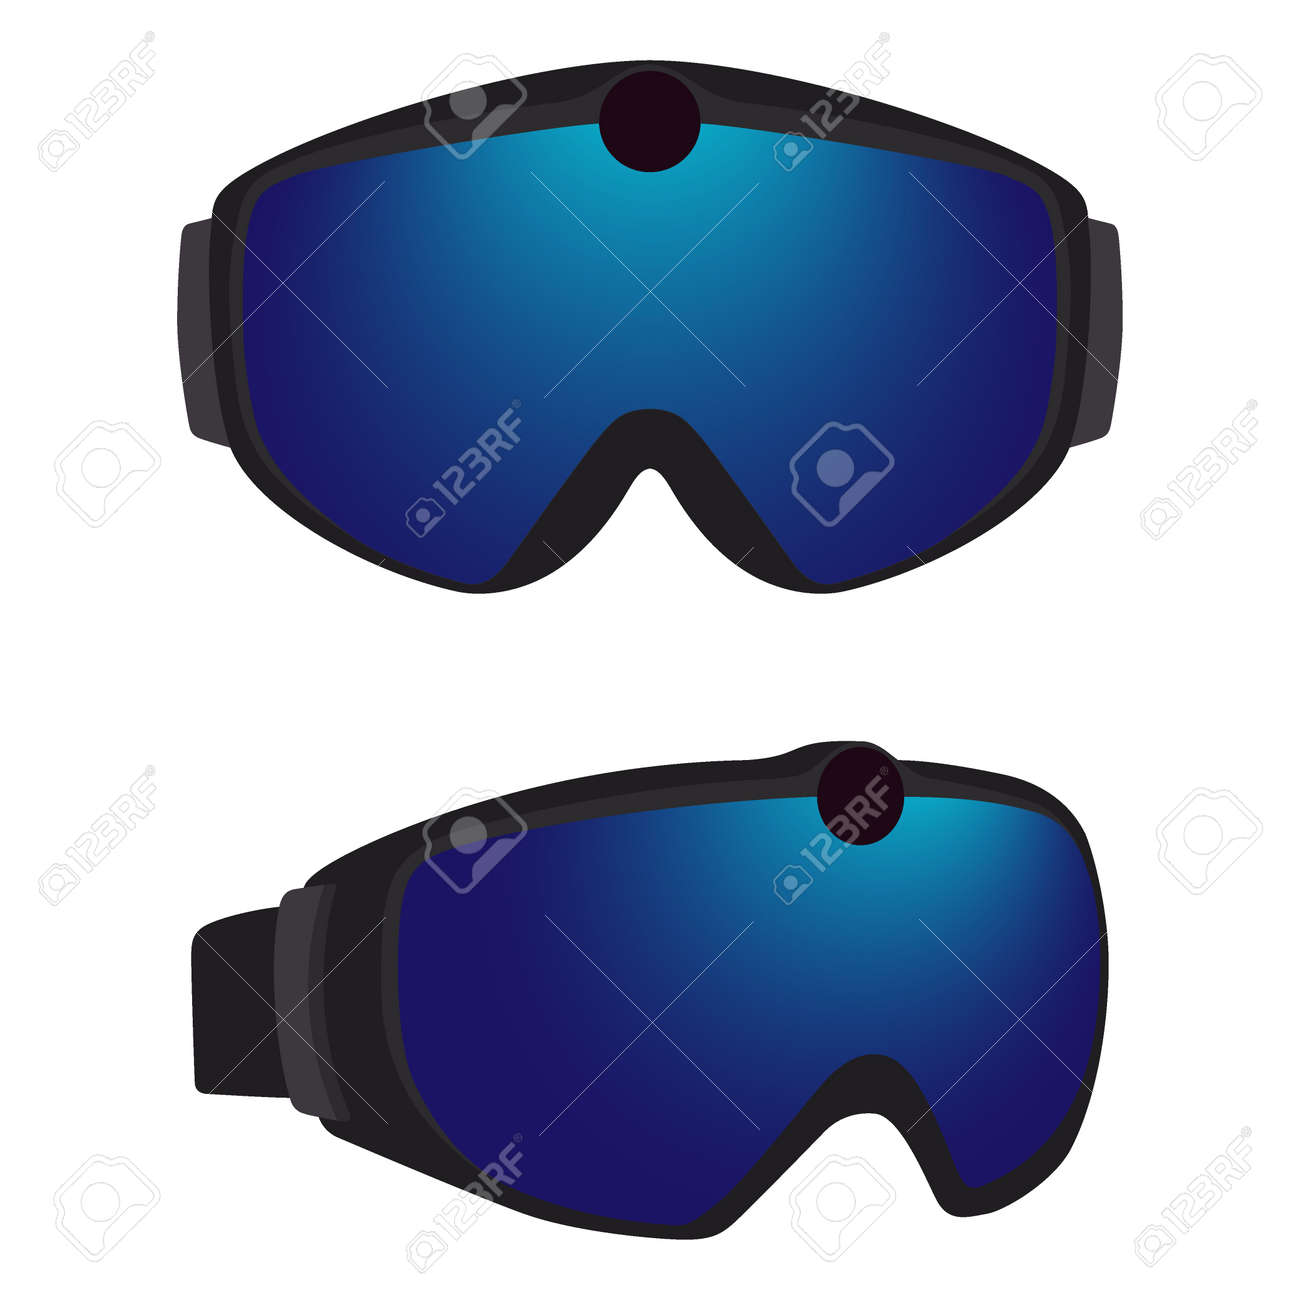 23f2976047b11 Banque d images - Ensemble de lunettes de ski et de snowboard classiques  avec des jantes colorées. Lunettes avec caméra d action intégrée.